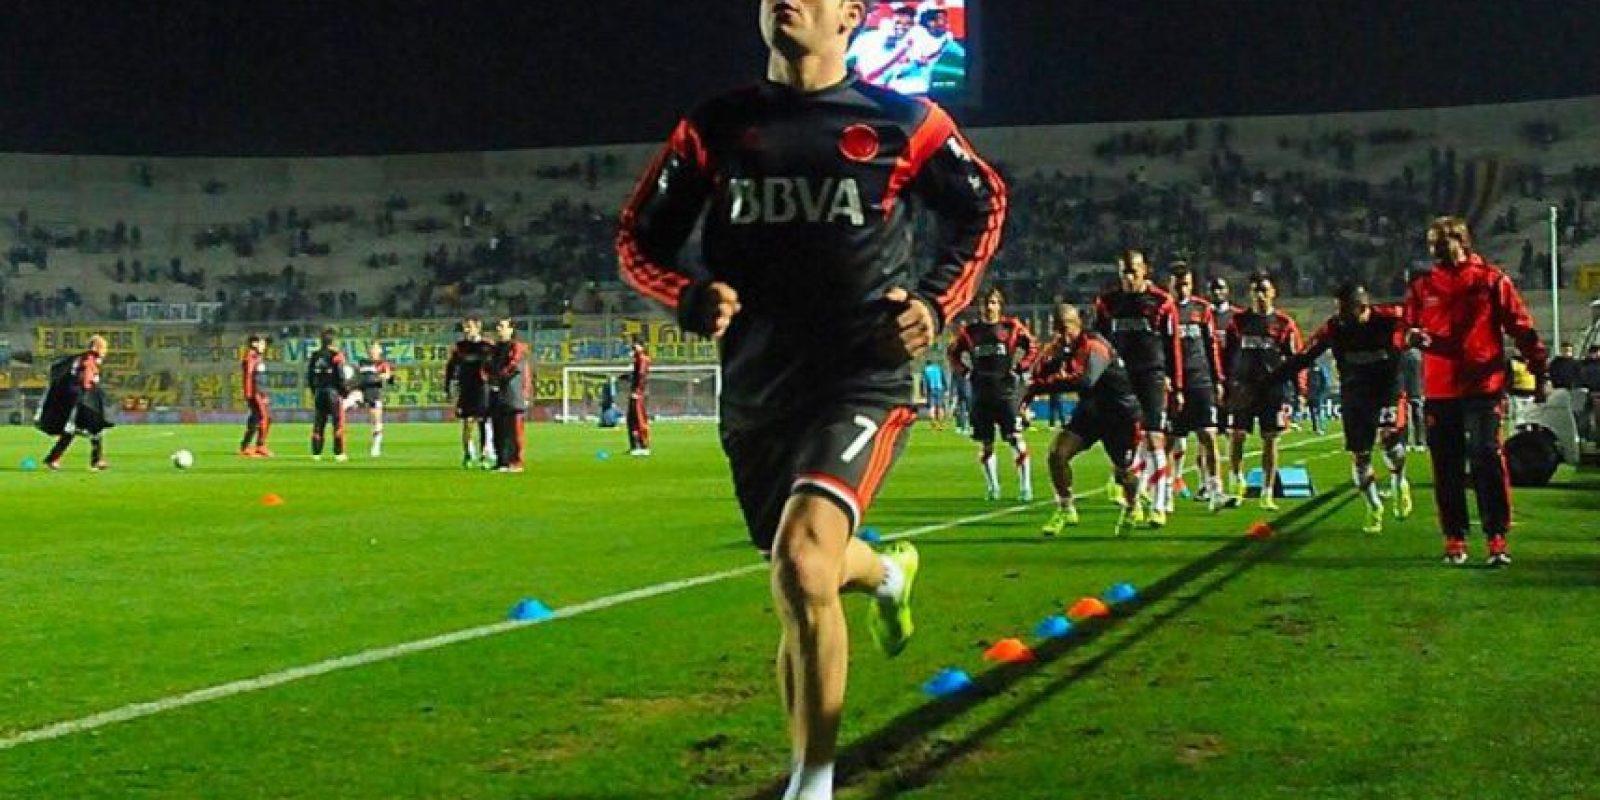 Fue delantero titular en el partido de ida que terminó con empate 0-0 Foto:Vía twitter.com/romorita11